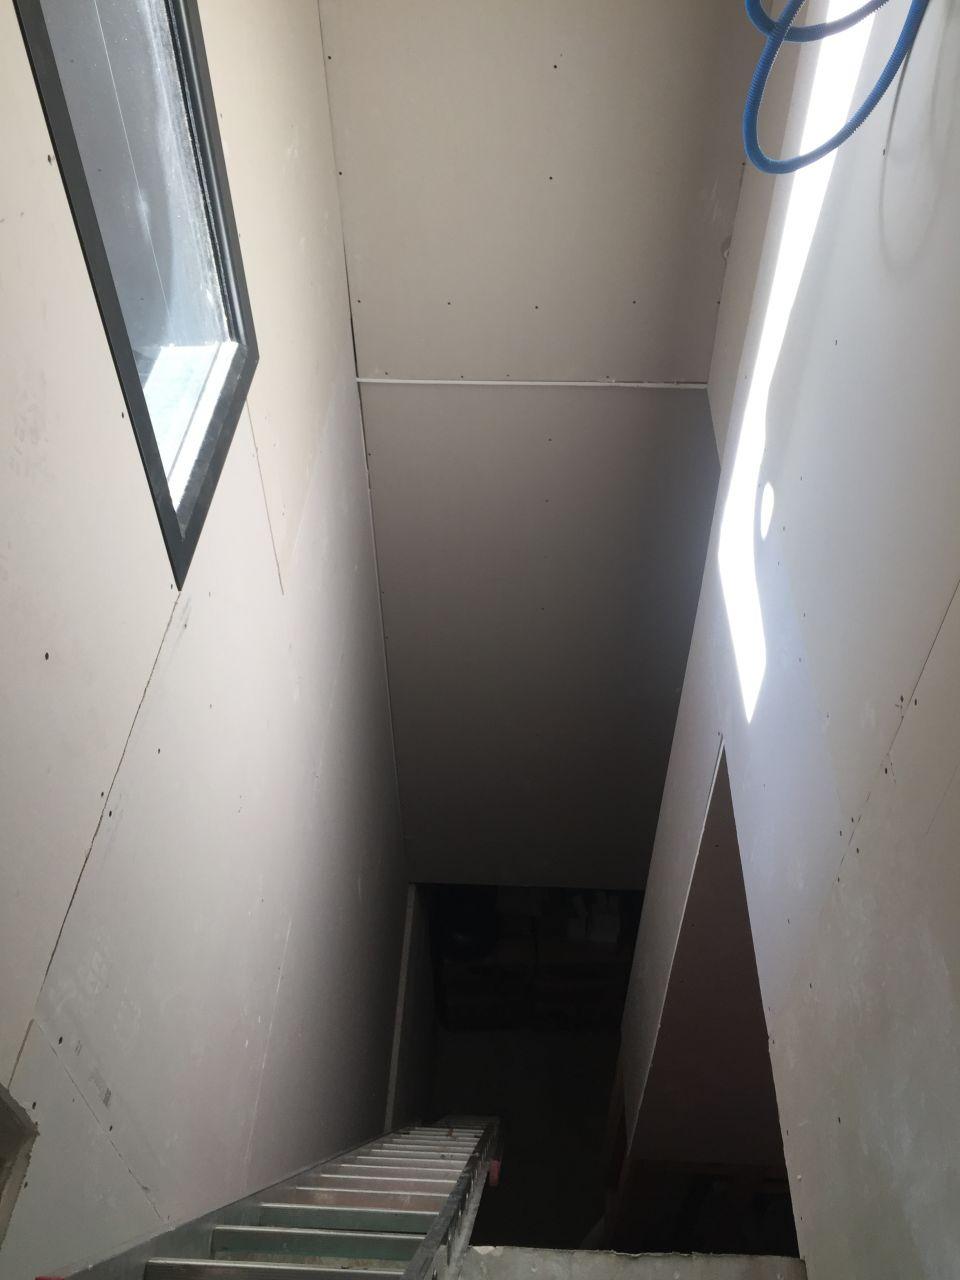 Mise en place du placo dans la cage d'escalier du sous sol a l etage